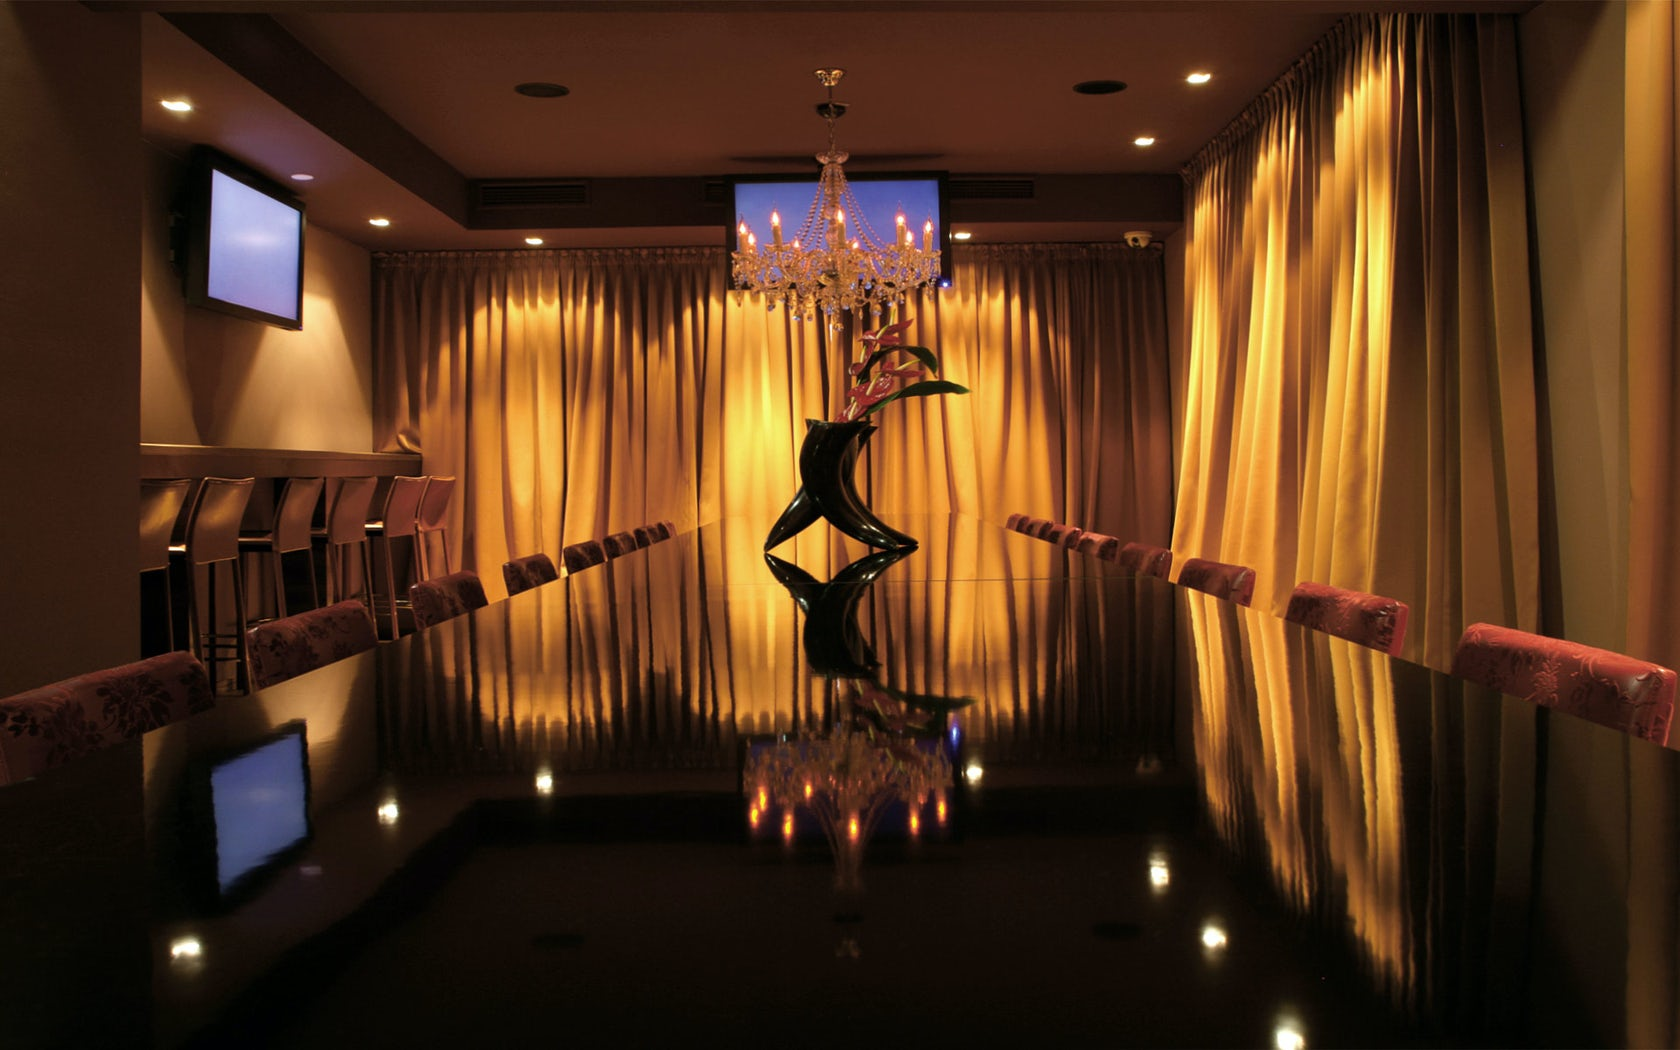 Night club Mystic - Architizer